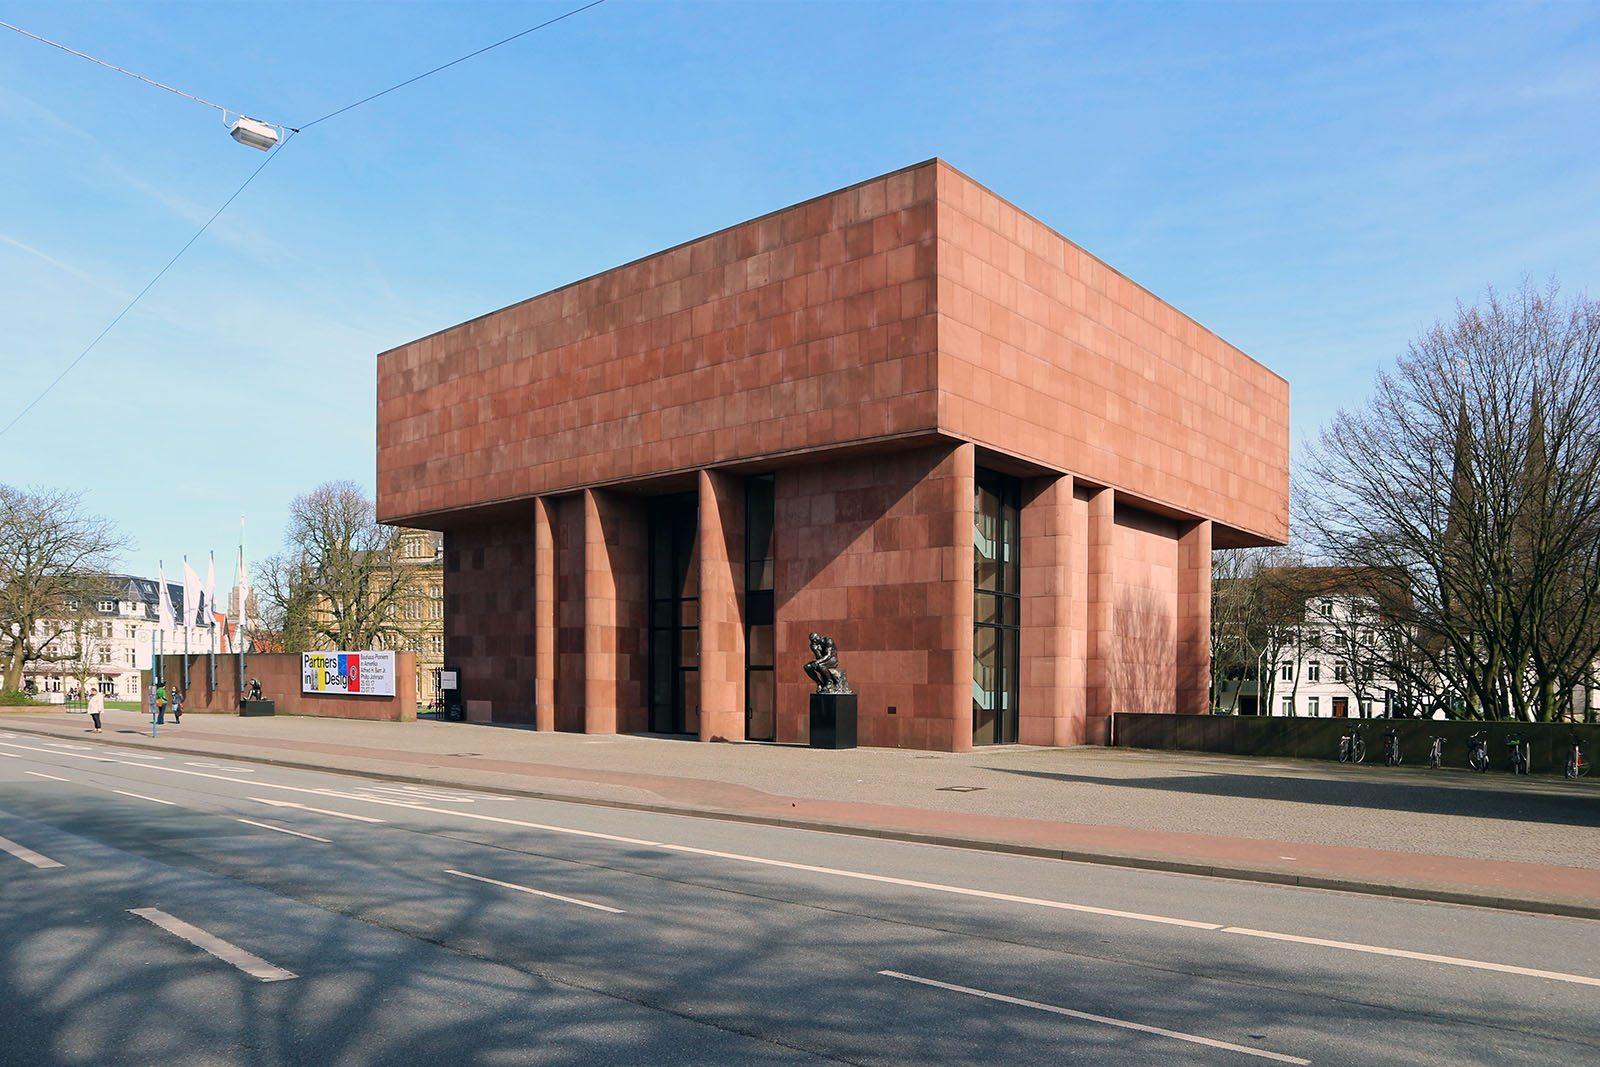 Kunsthalle Bielefeld. Philip Johnsons einziger Museumsbau in Europa wurde 1968 eröffnet.